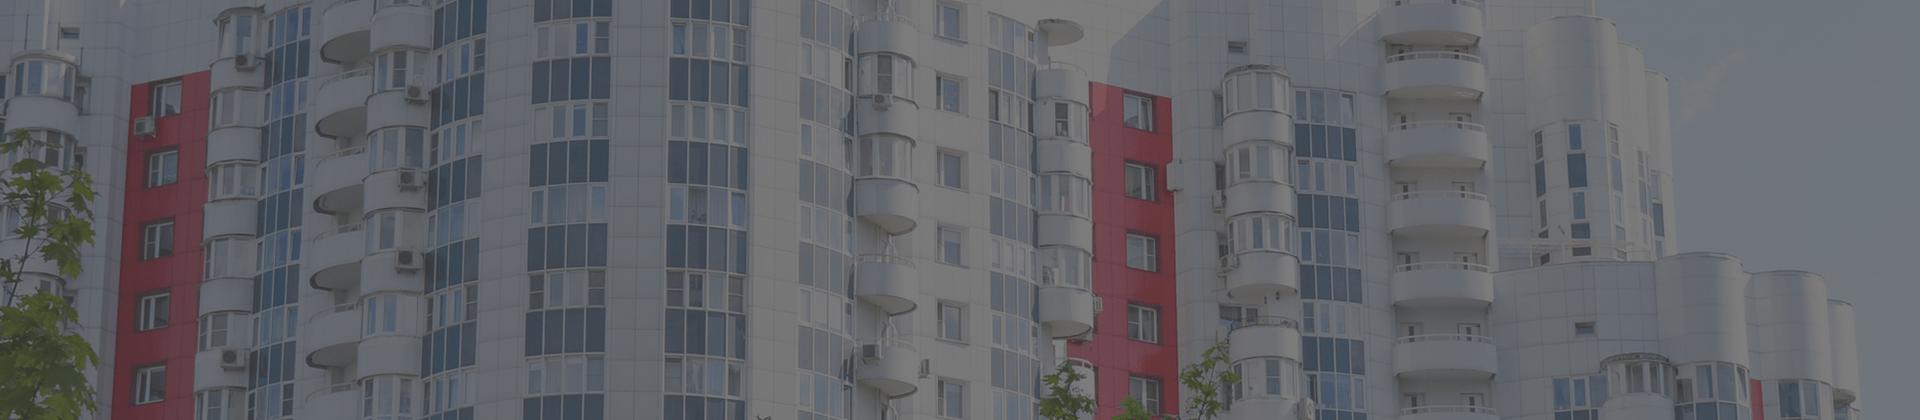 Из чего состоит образец проекта перепланировки квартиры в 2019 году